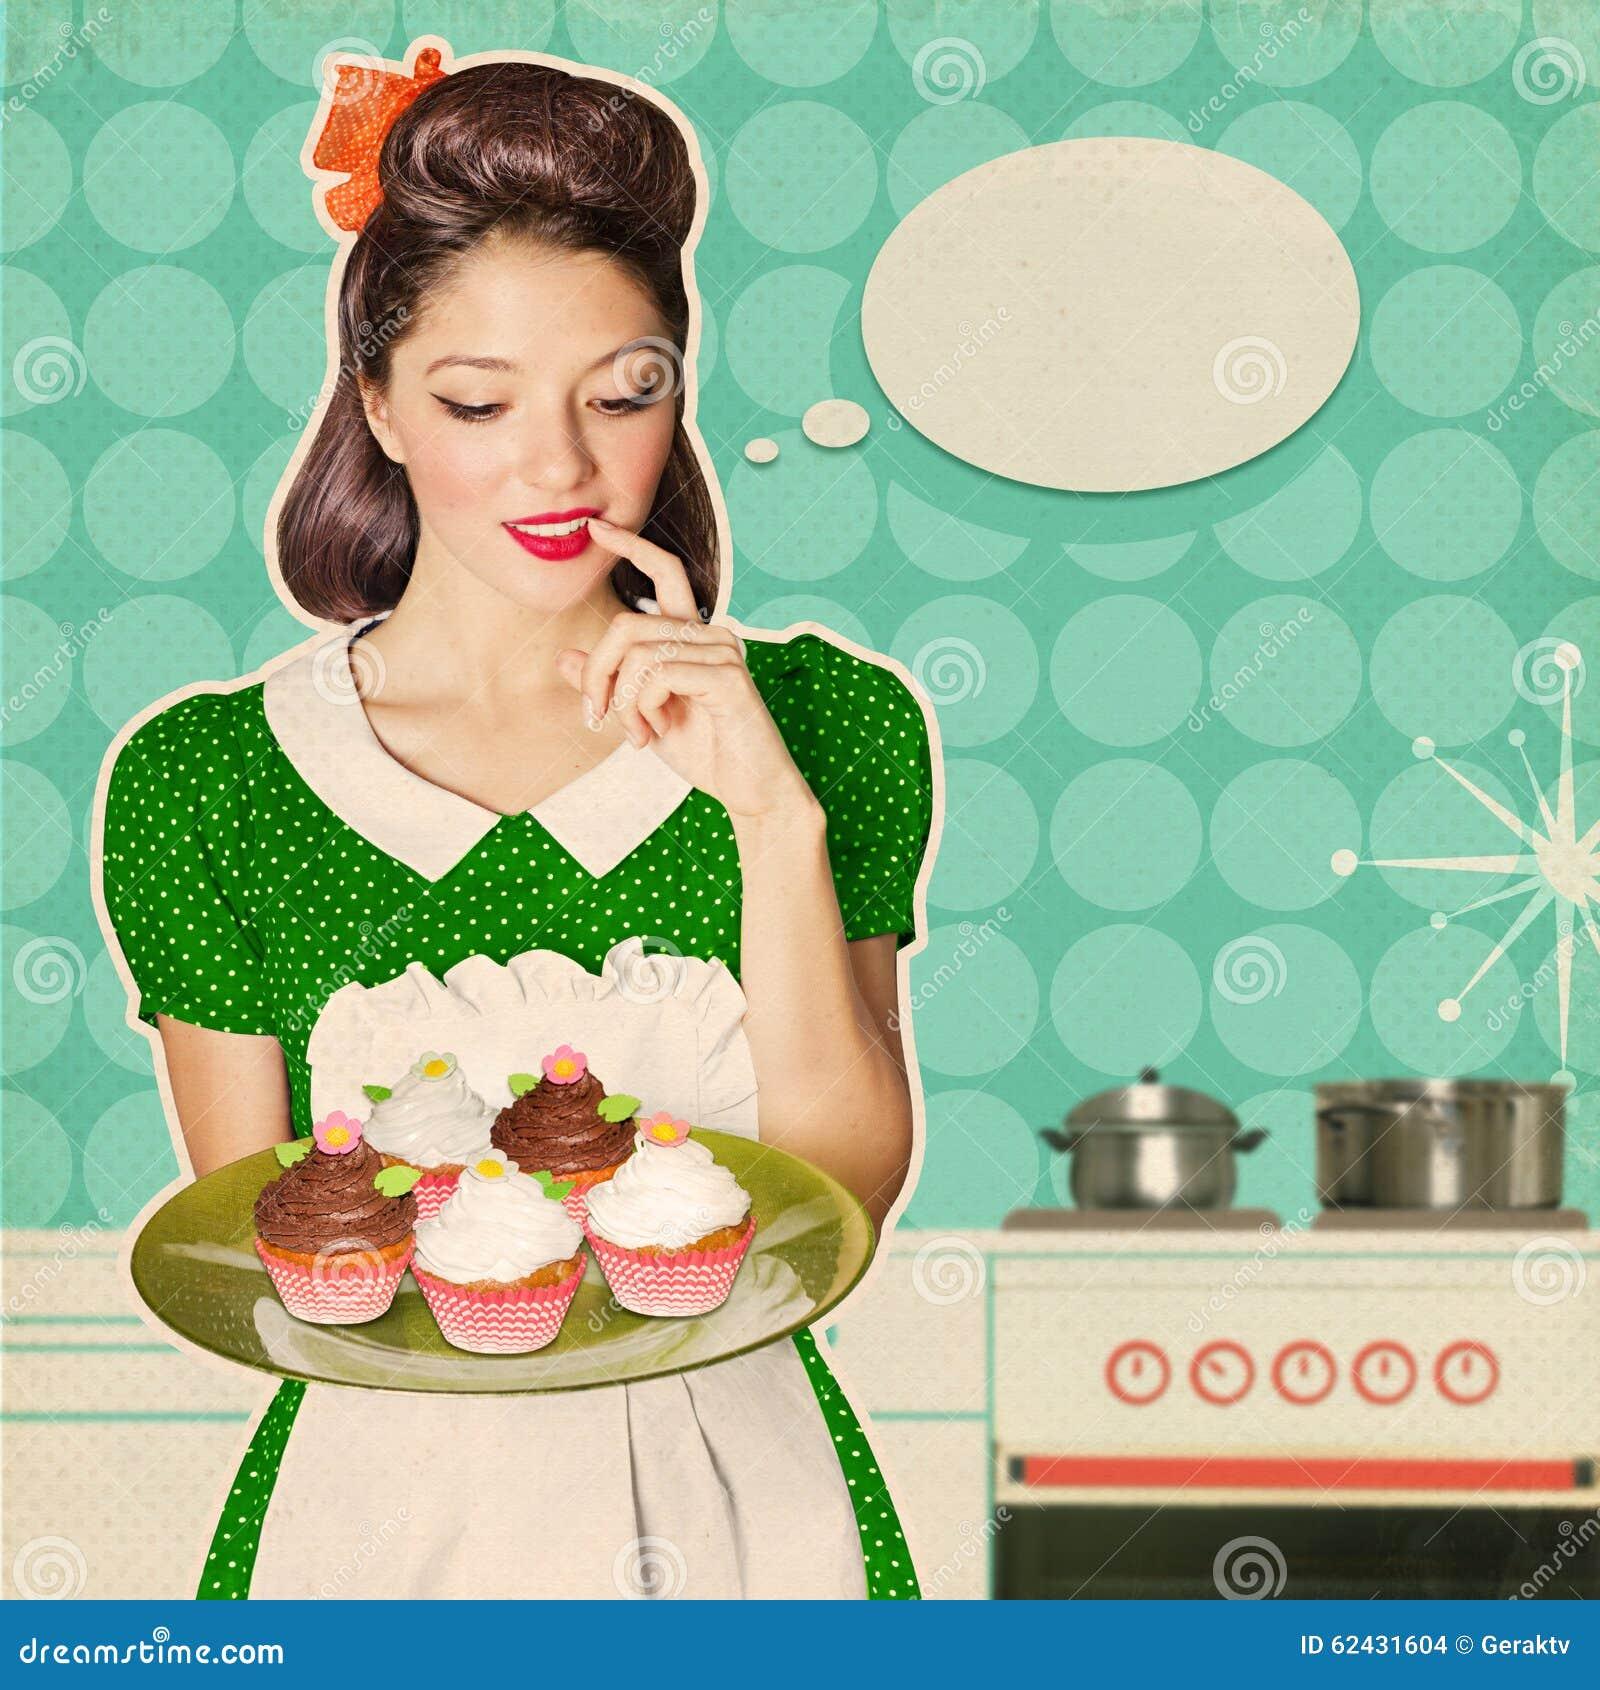 Junge Frau Halt Susse Kleine Kuchen Retro Plakathintergrund Stockfoto